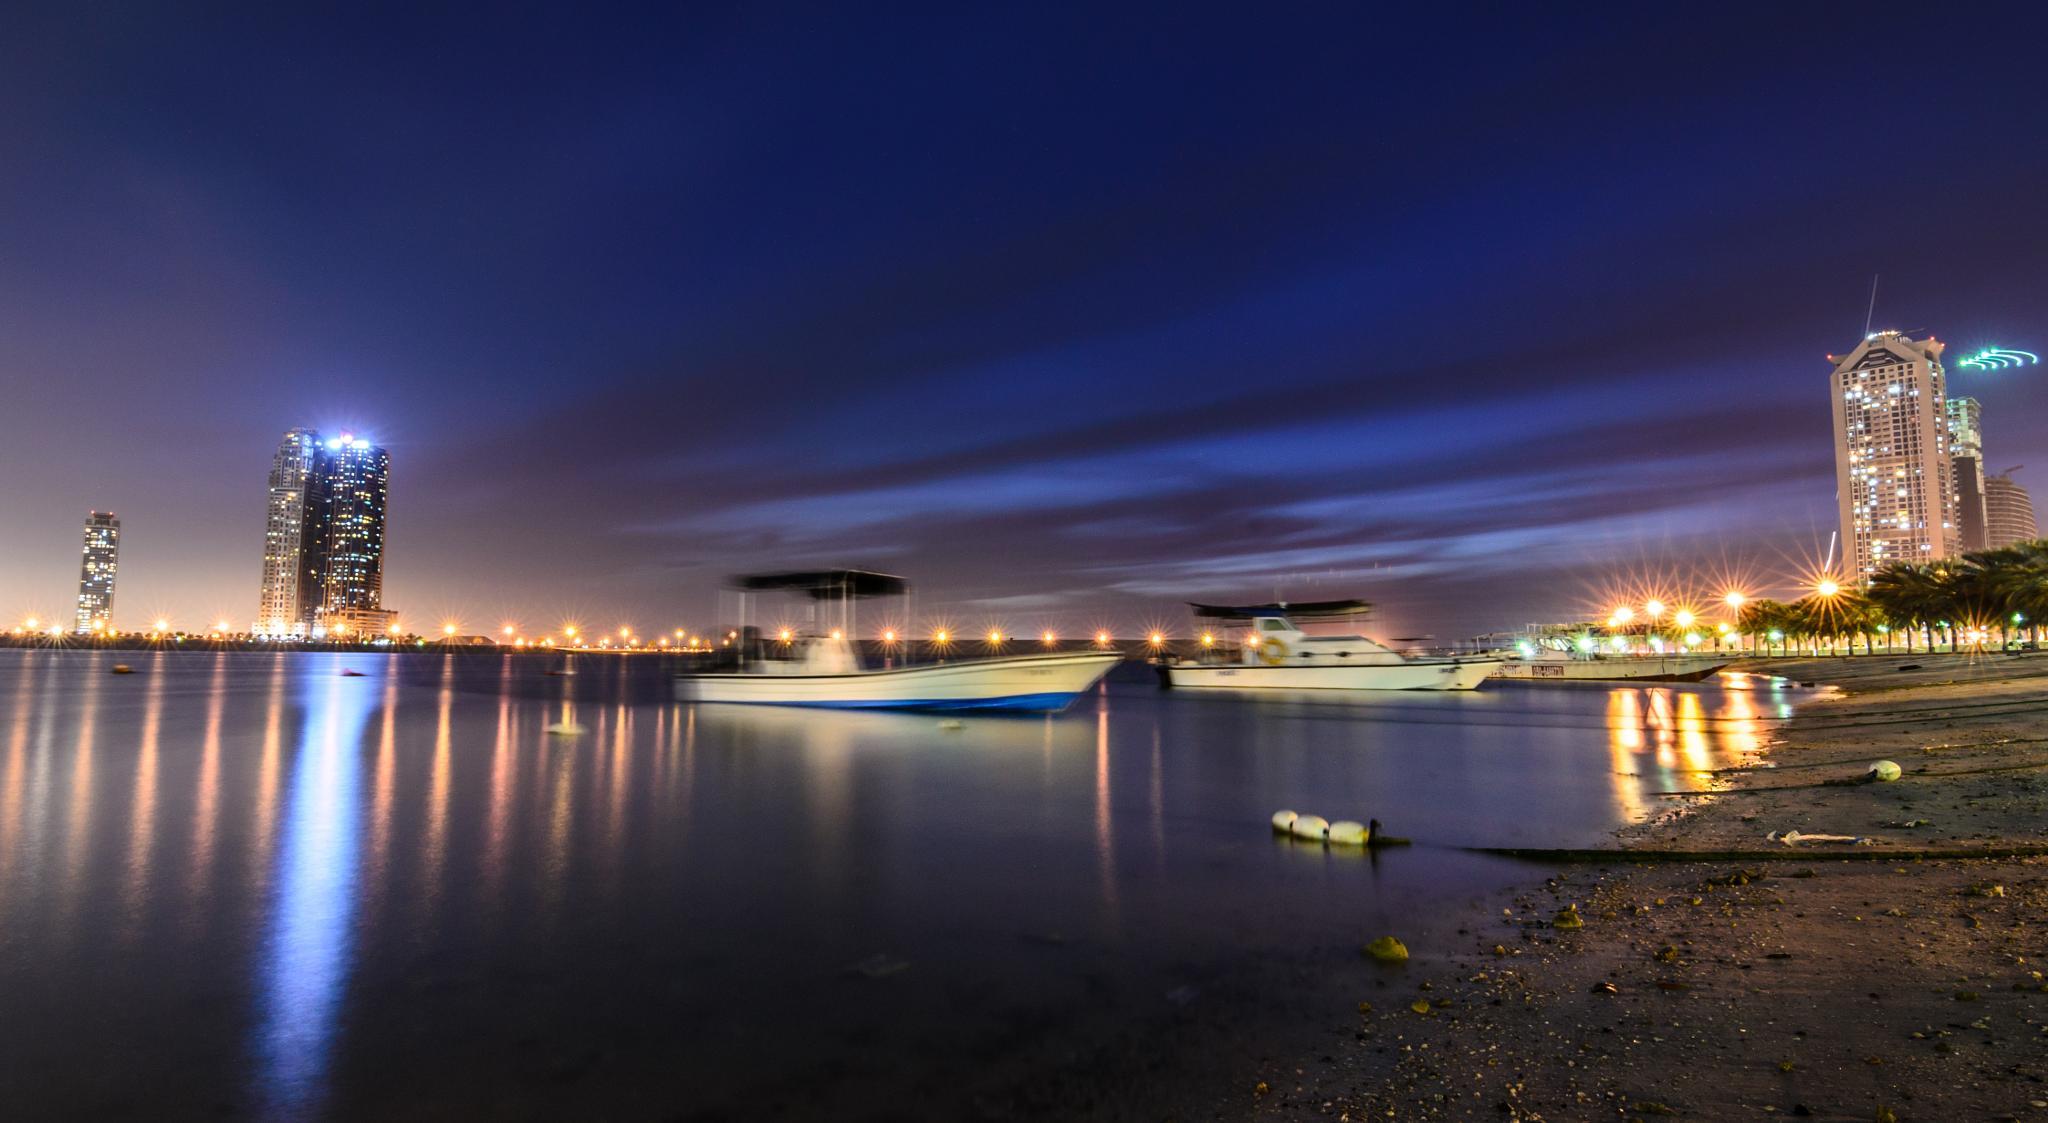 Cityscape by S M Rezaul Haque